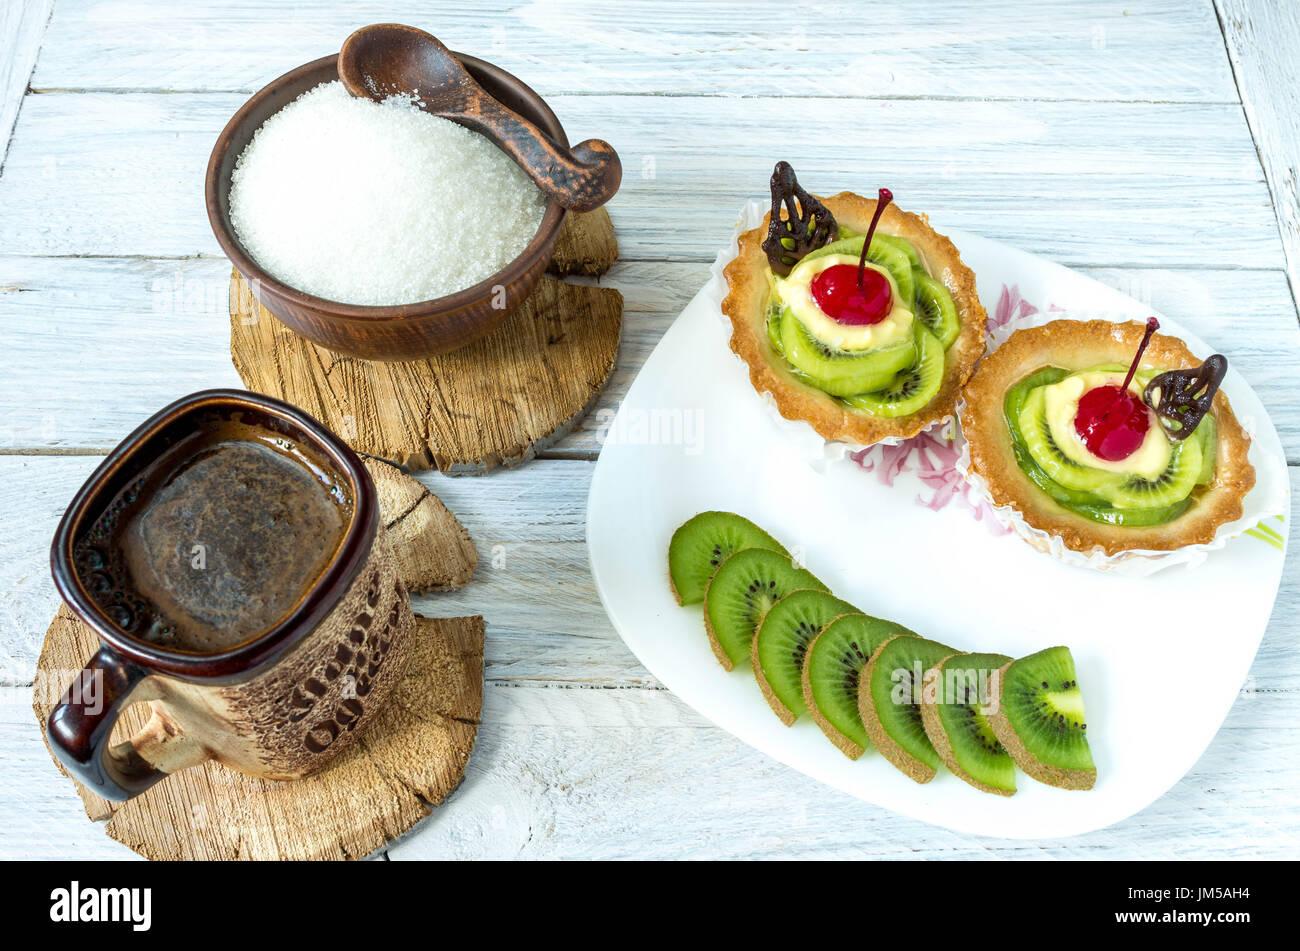 Plat en forme de sourire. Sourire à des fruits. Dessert sous la forme d'un petit homme. Du café et des gâteaux. Photo Stock